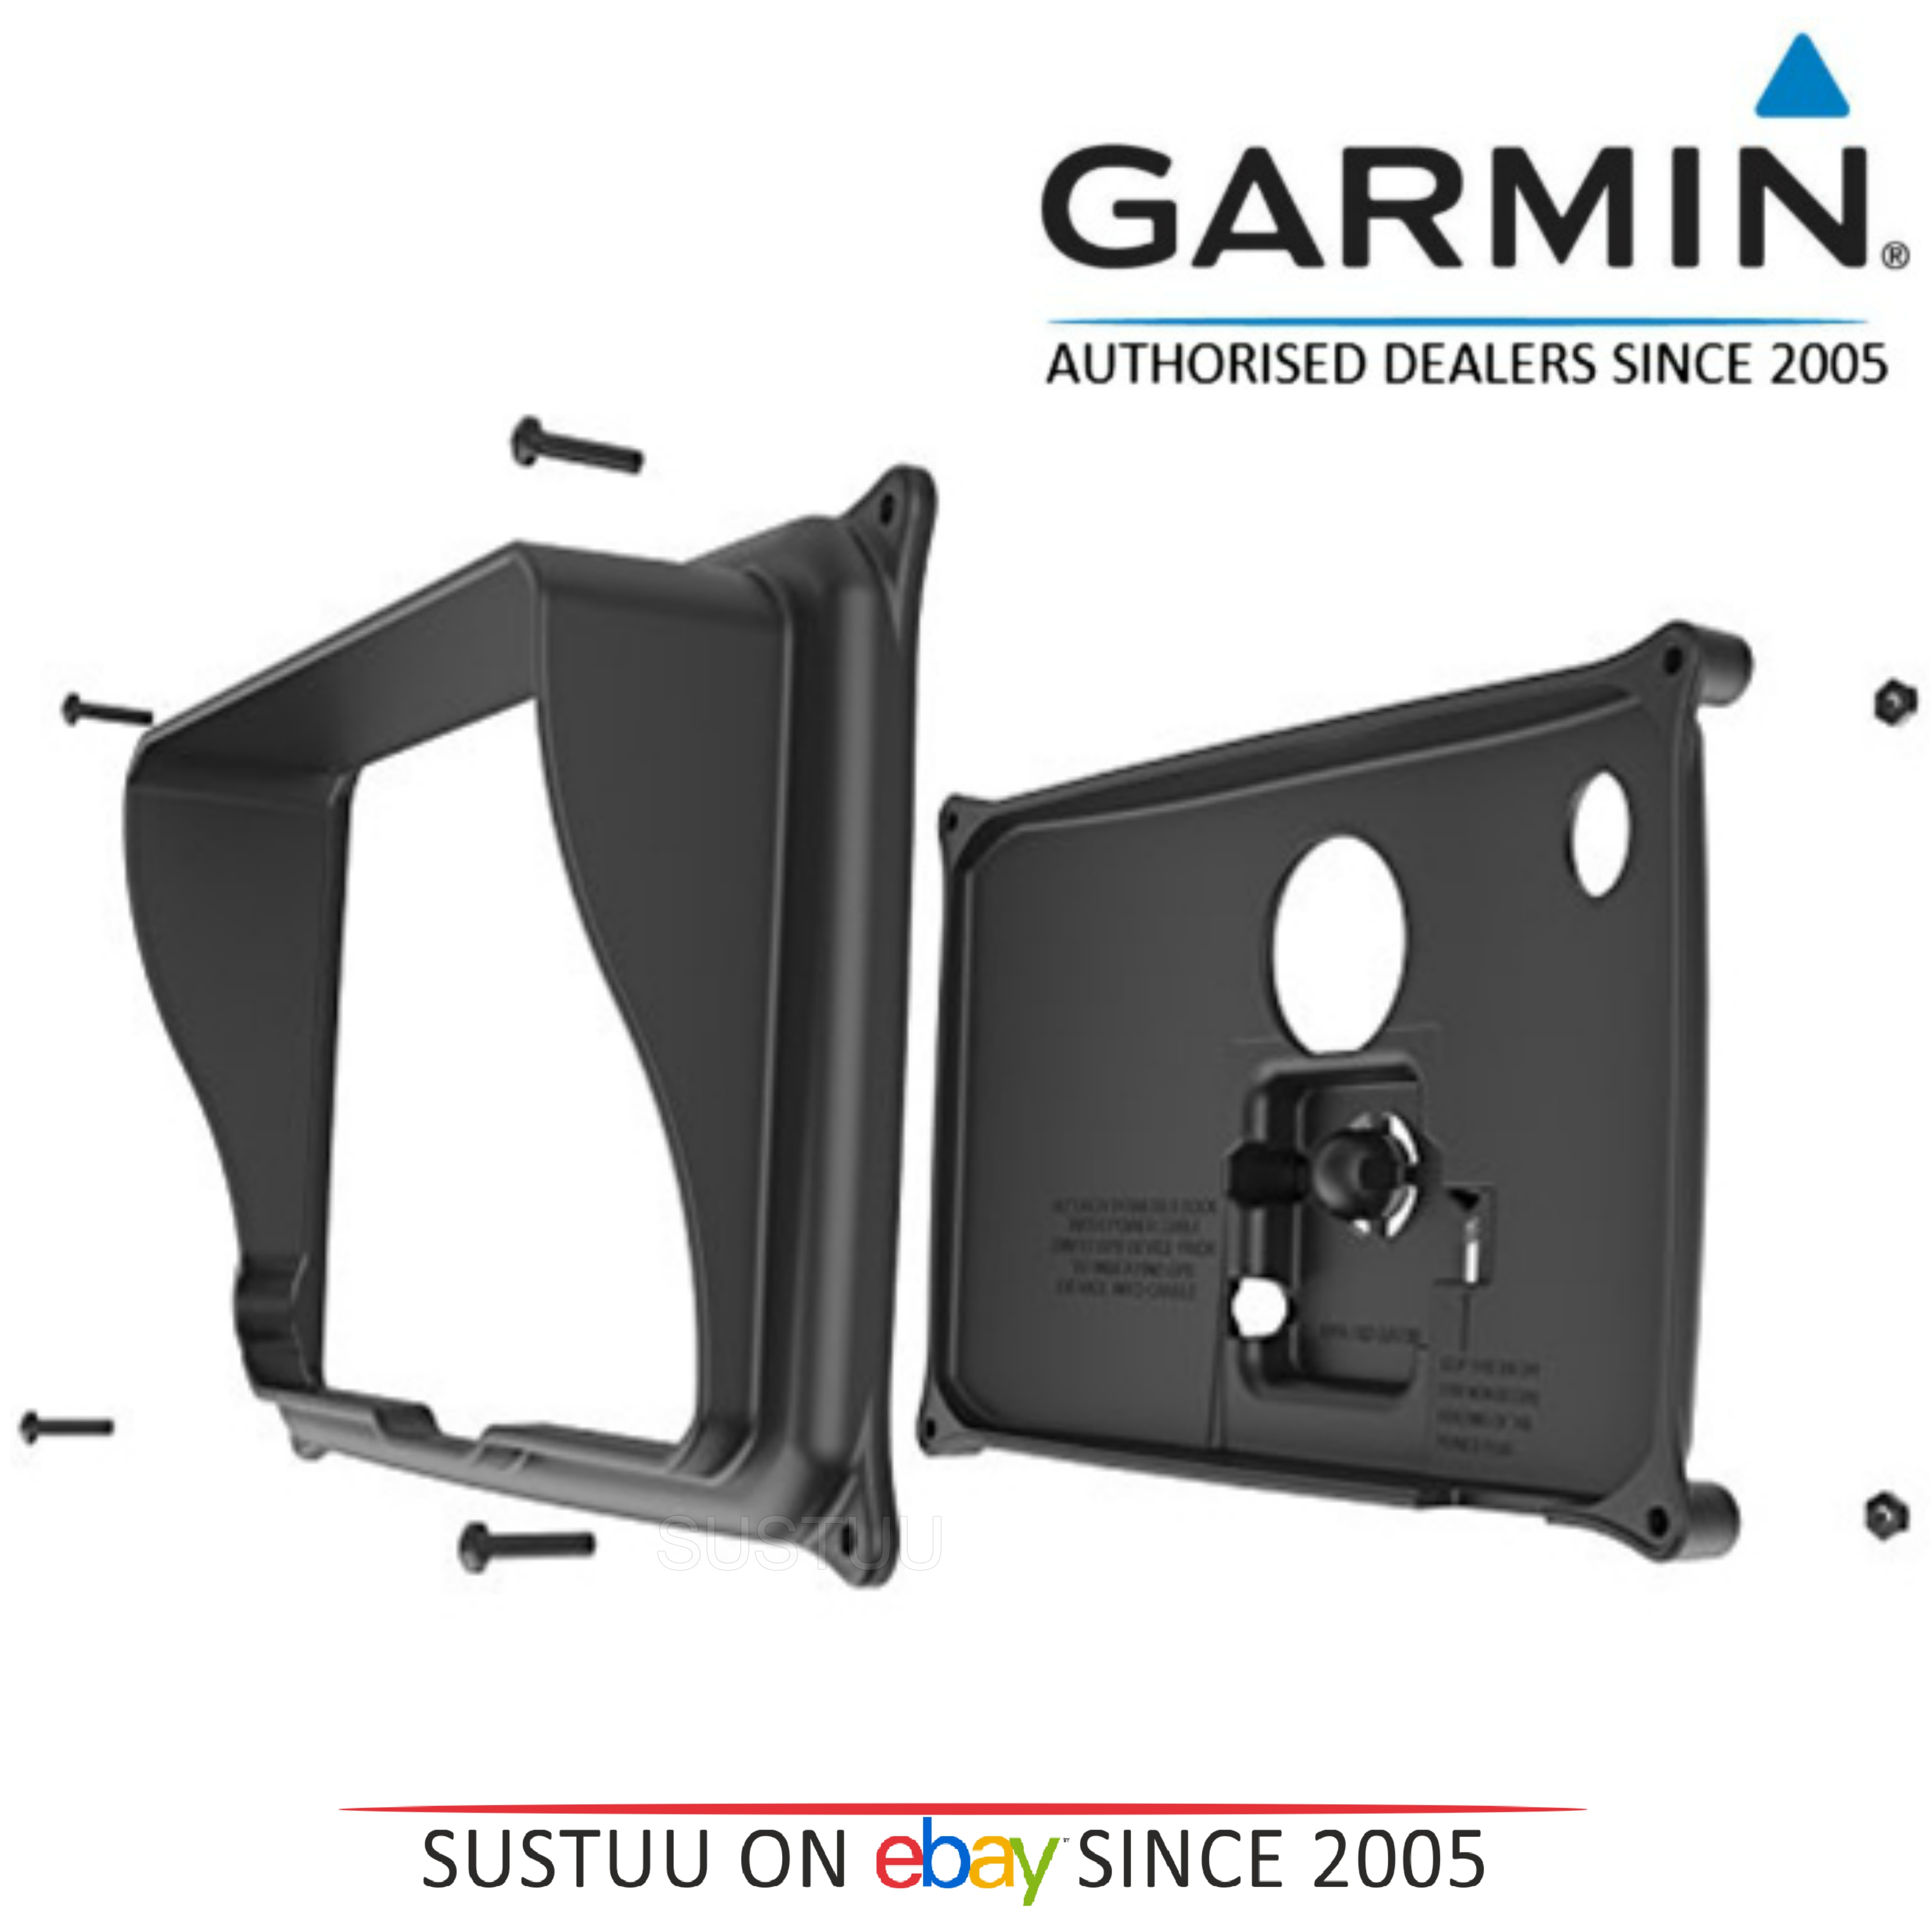 Locking Case DEZL 770 Secure Case - RAM-HOL-GA70LU